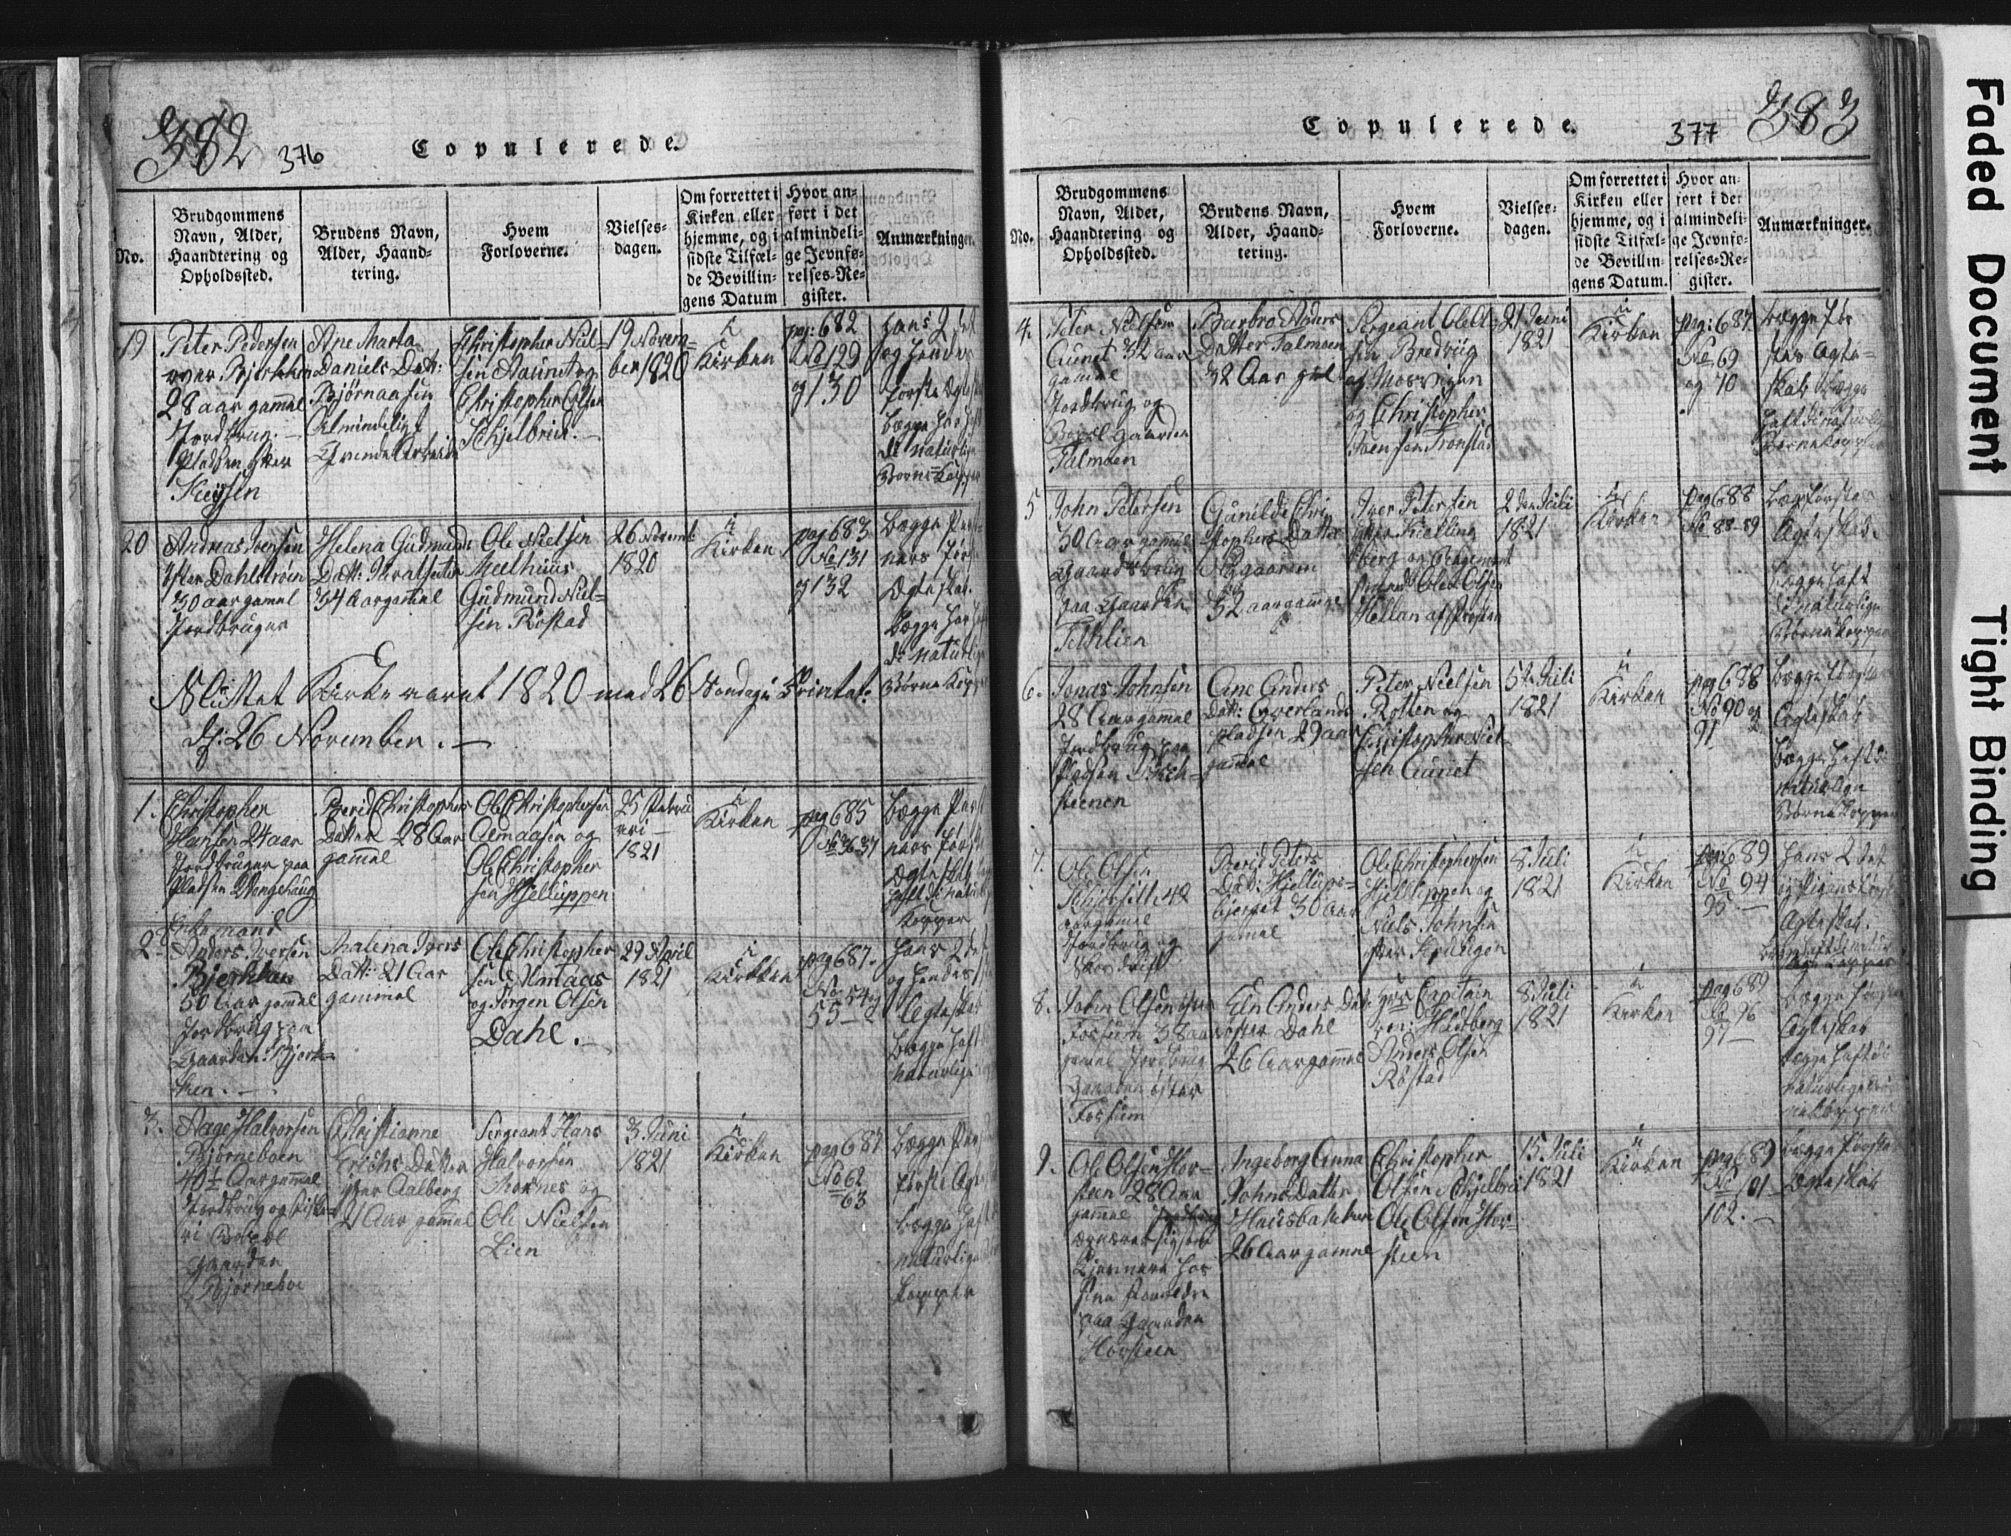 SAT, Ministerialprotokoller, klokkerbøker og fødselsregistre - Nord-Trøndelag, 701/L0017: Klokkerbok nr. 701C01, 1817-1825, s. 376-377